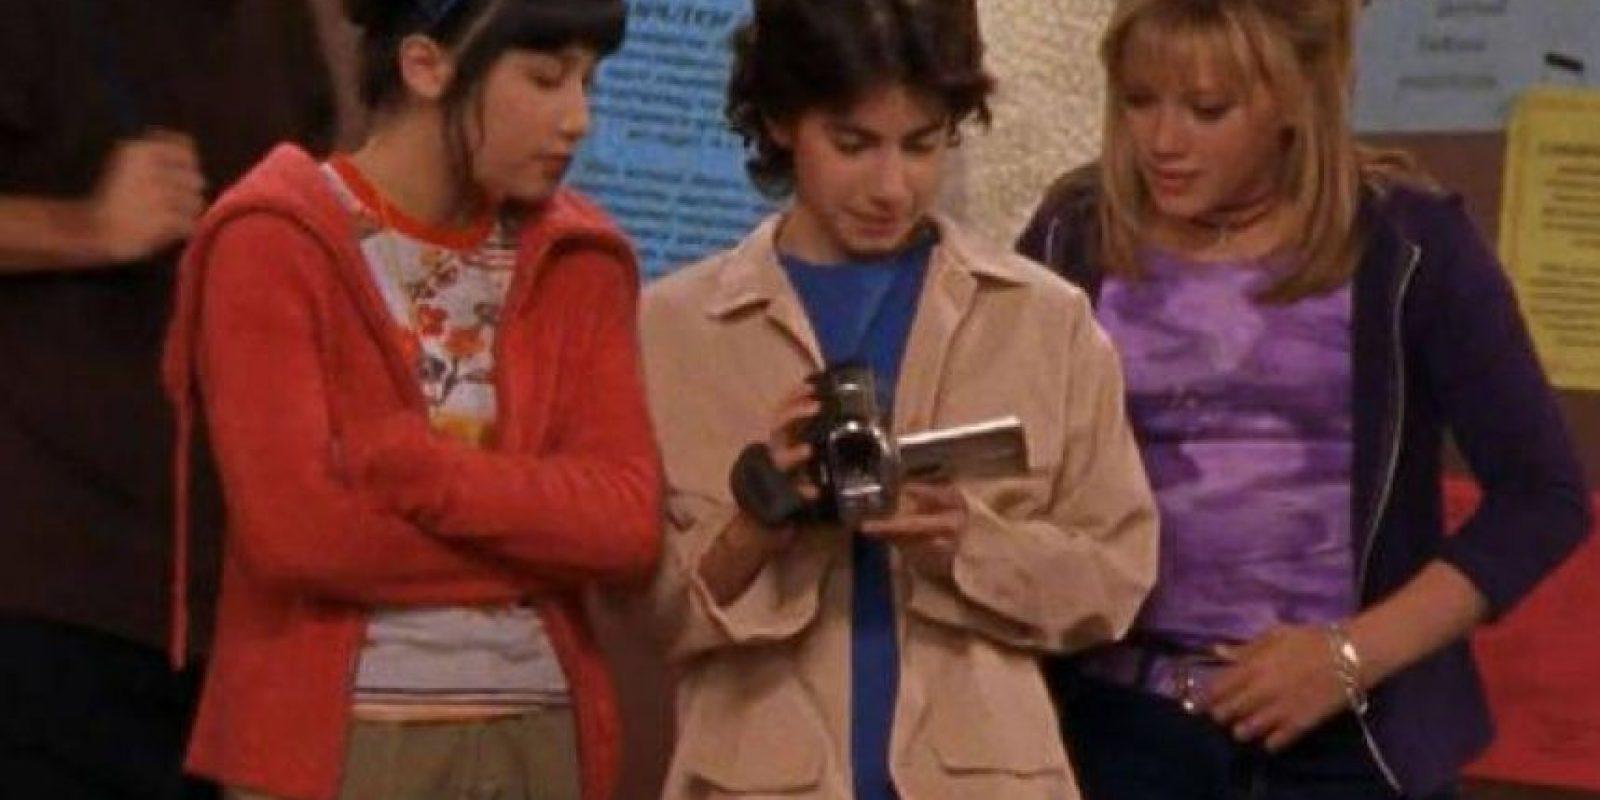 Interpretó a David Zaphyr (Gordo), el mejor amigo de Lizzie, que también estaba enamorado de ella. Foto:Facebook/Lizzie McGuire